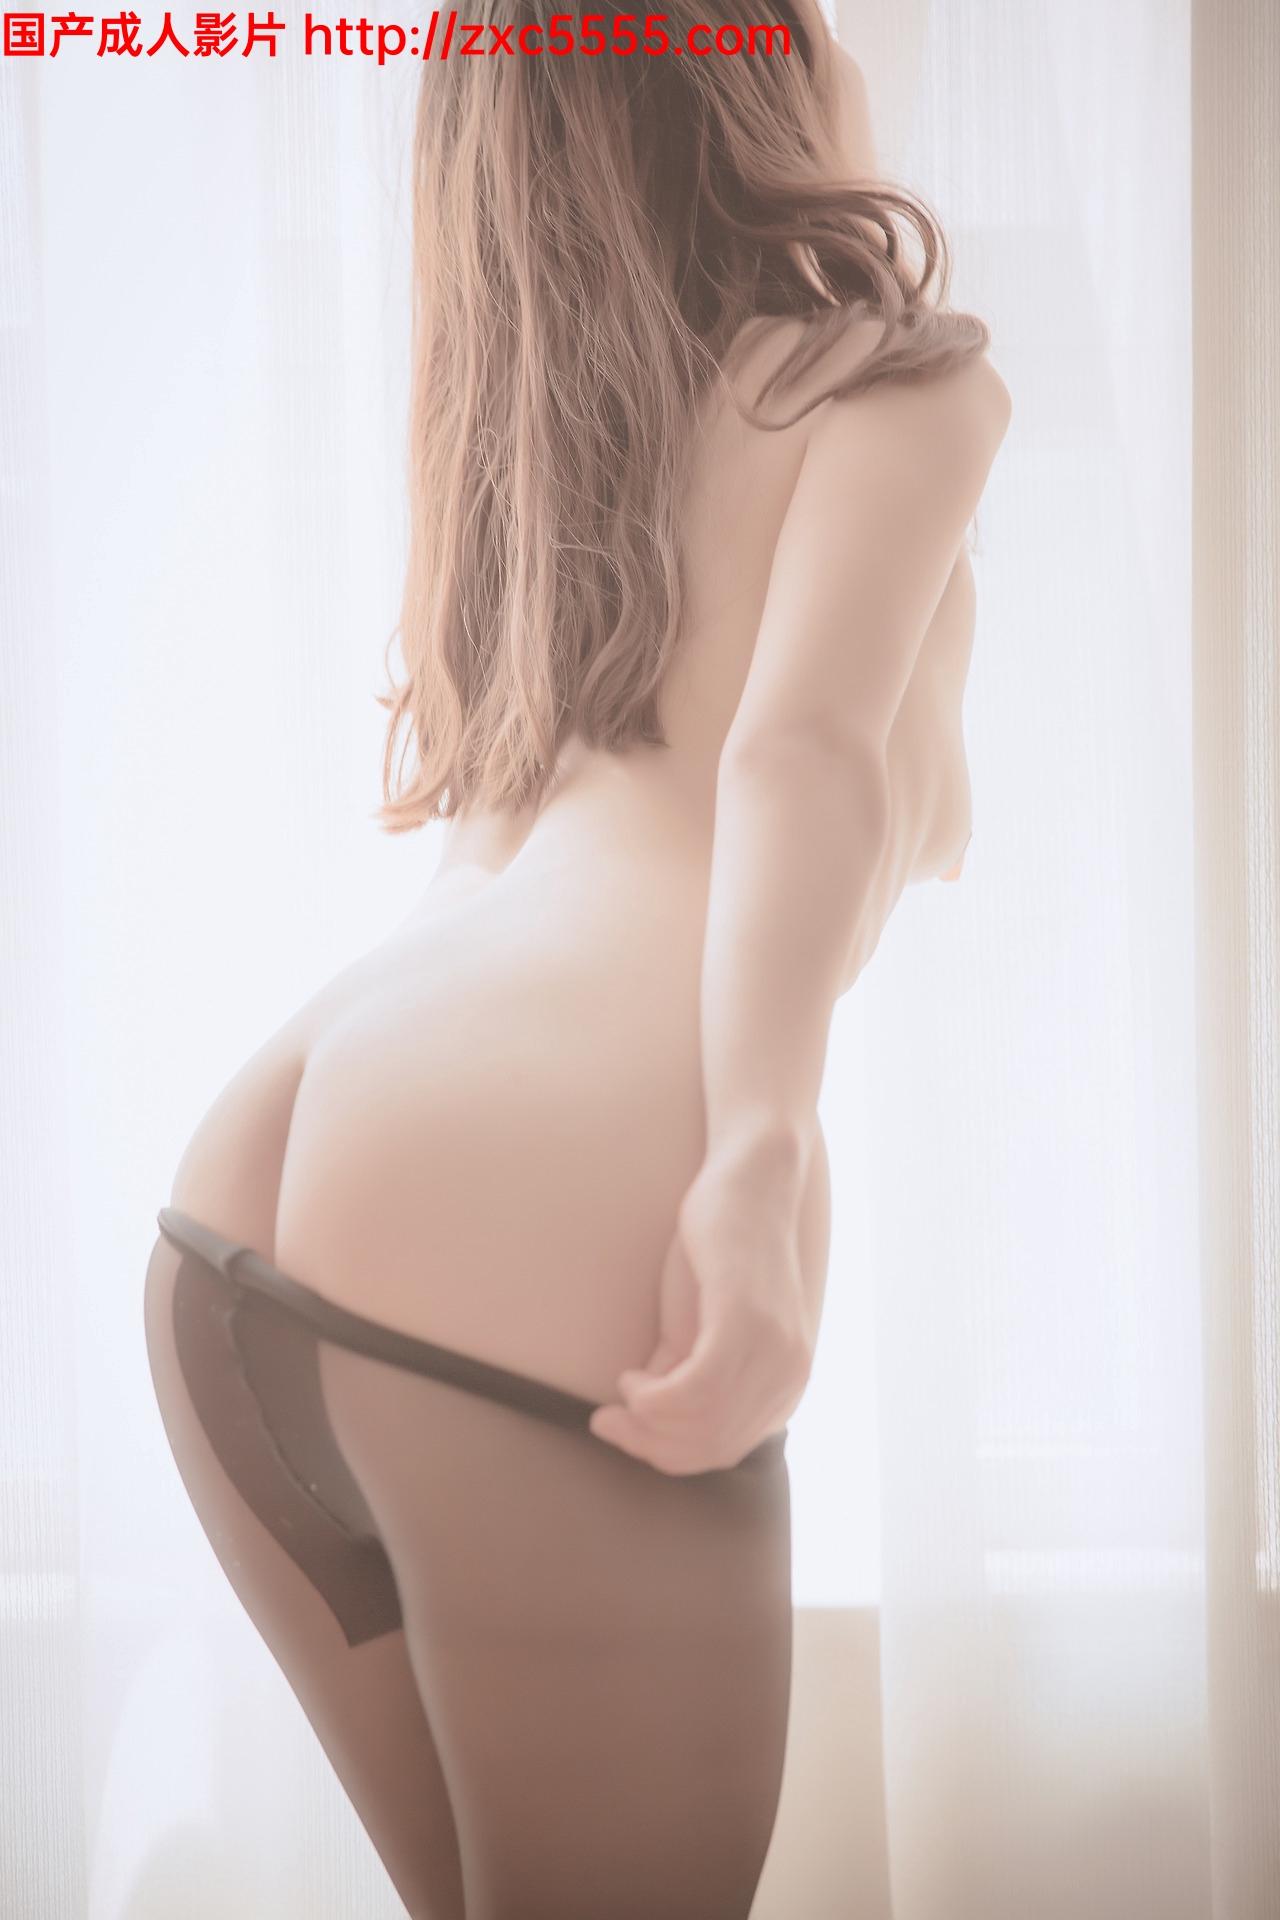 网络红人@小鸟酱才不会拍照呢 最新淫脚酥口大尺度写真